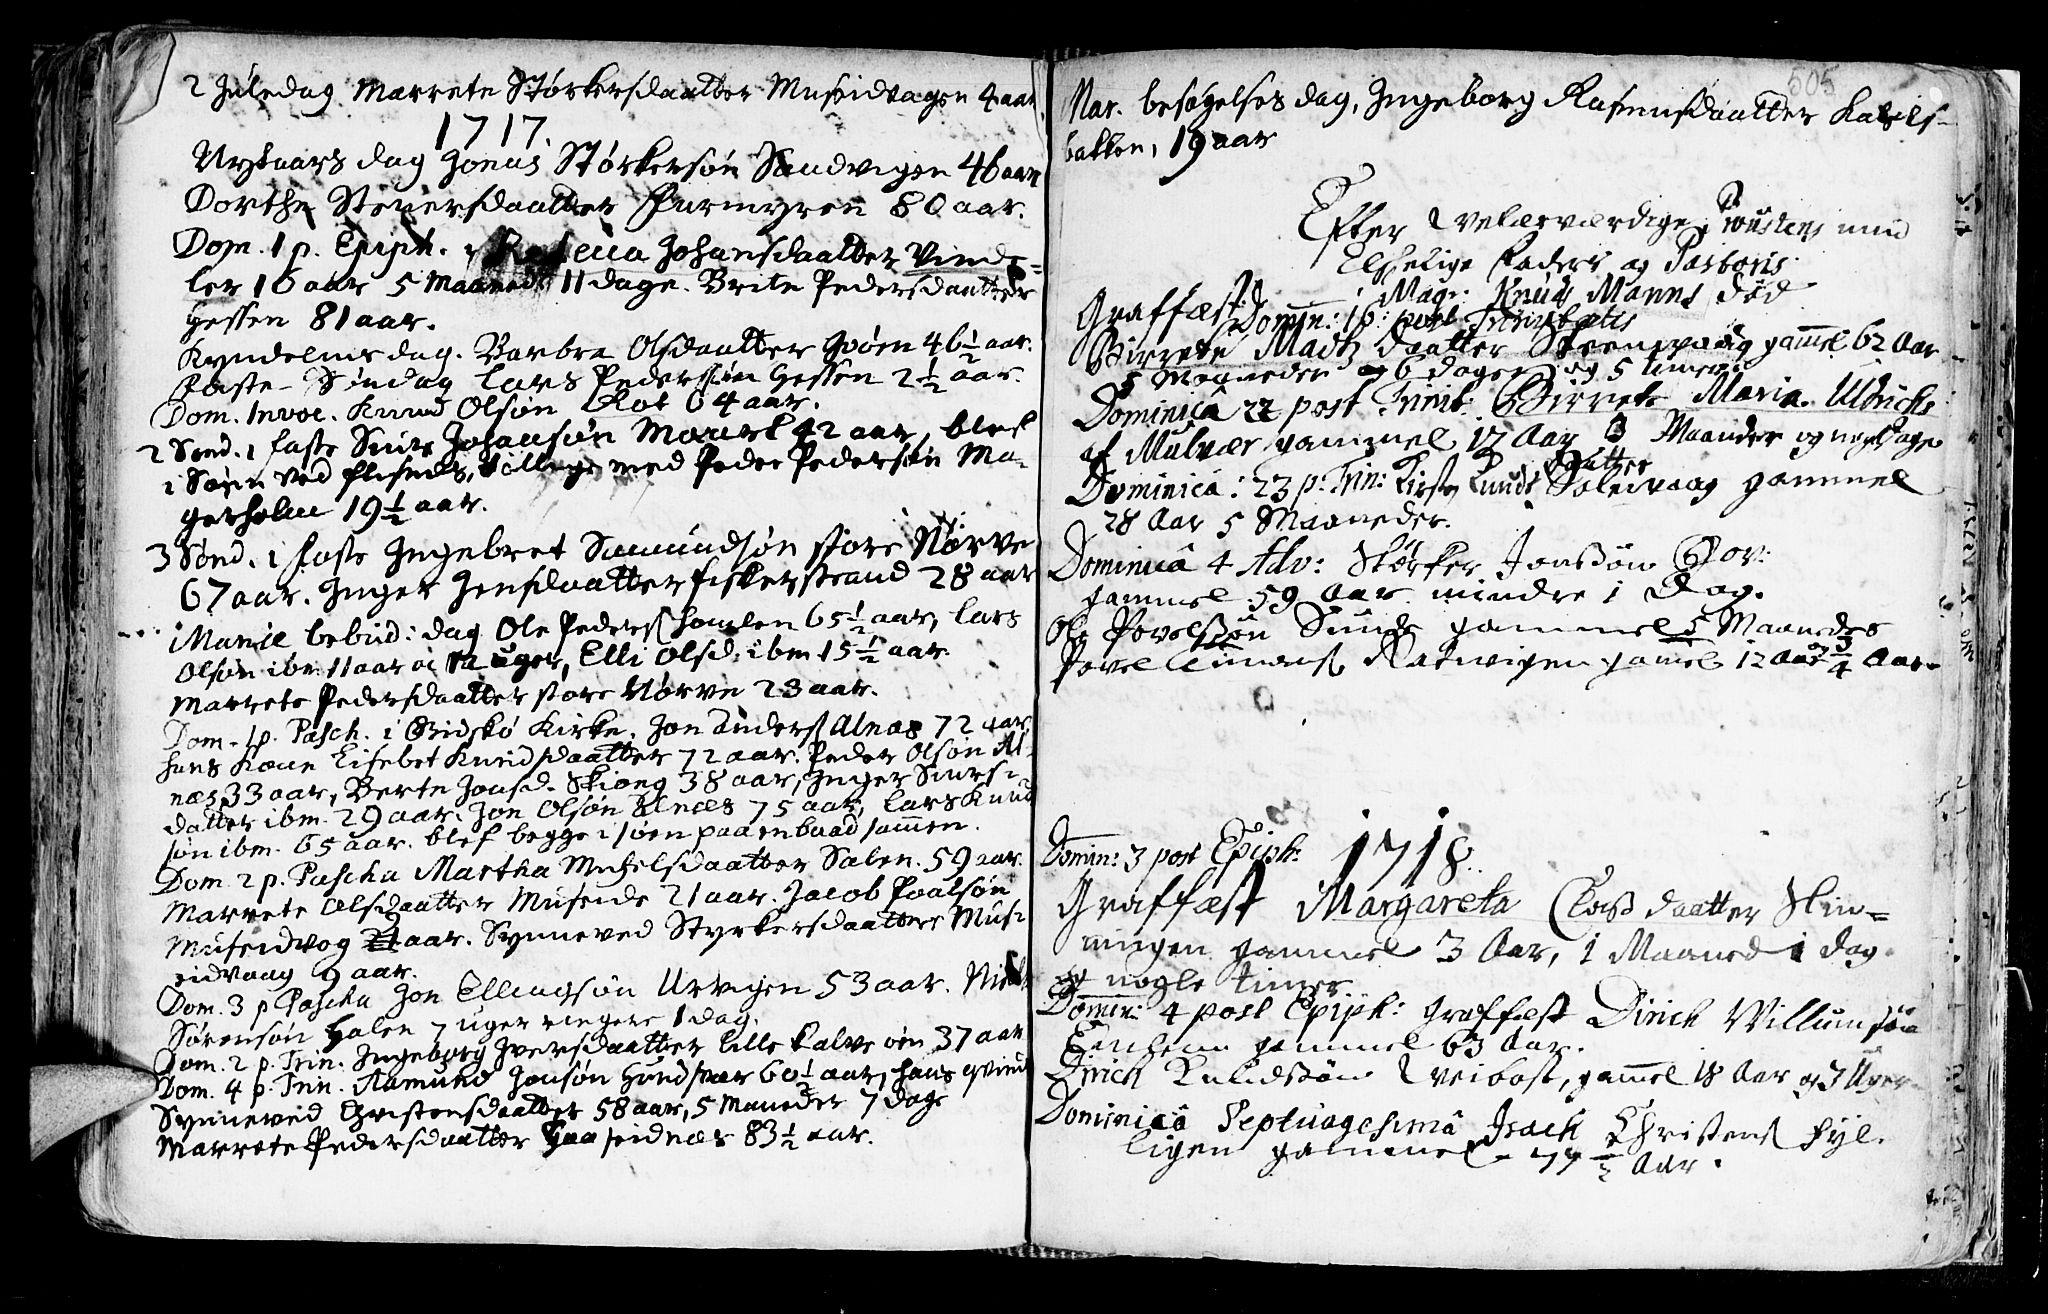 SAT, Ministerialprotokoller, klokkerbøker og fødselsregistre - Møre og Romsdal, 528/L0390: Ministerialbok nr. 528A01, 1698-1739, s. 504-505